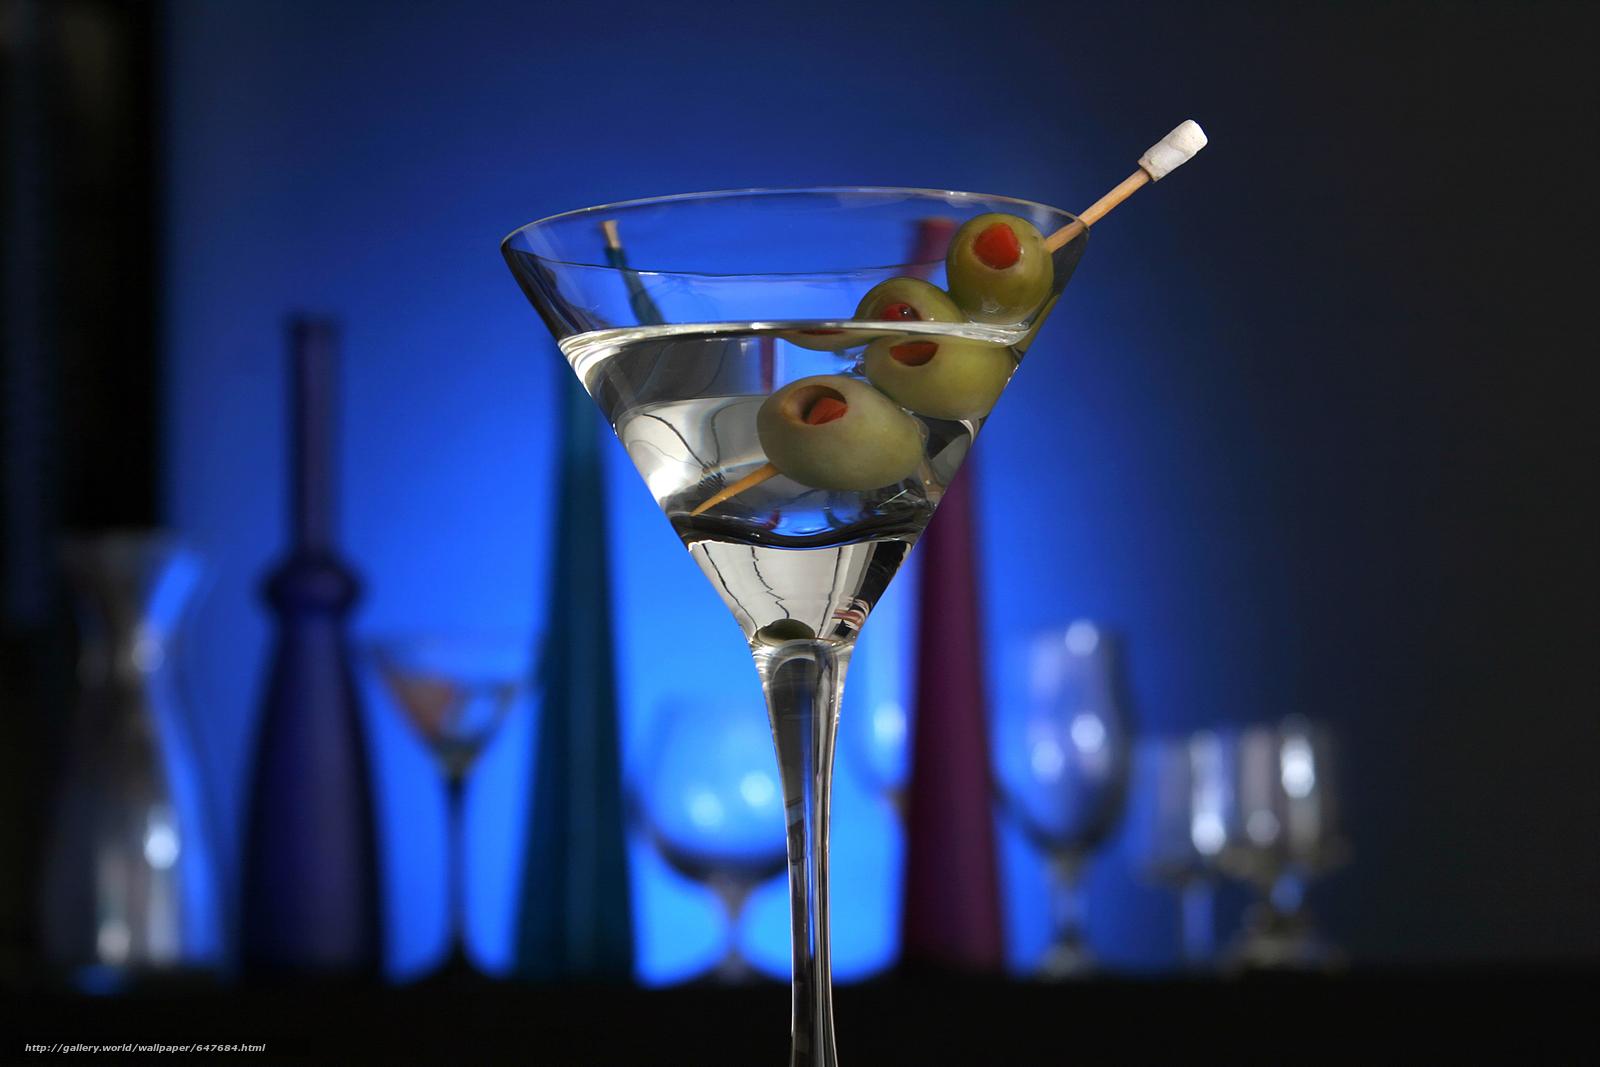 Скачать обои коктейль,  мартини,  напиток бесплатно для рабочего стола в разрешении 7244x4829 — картинка №647684